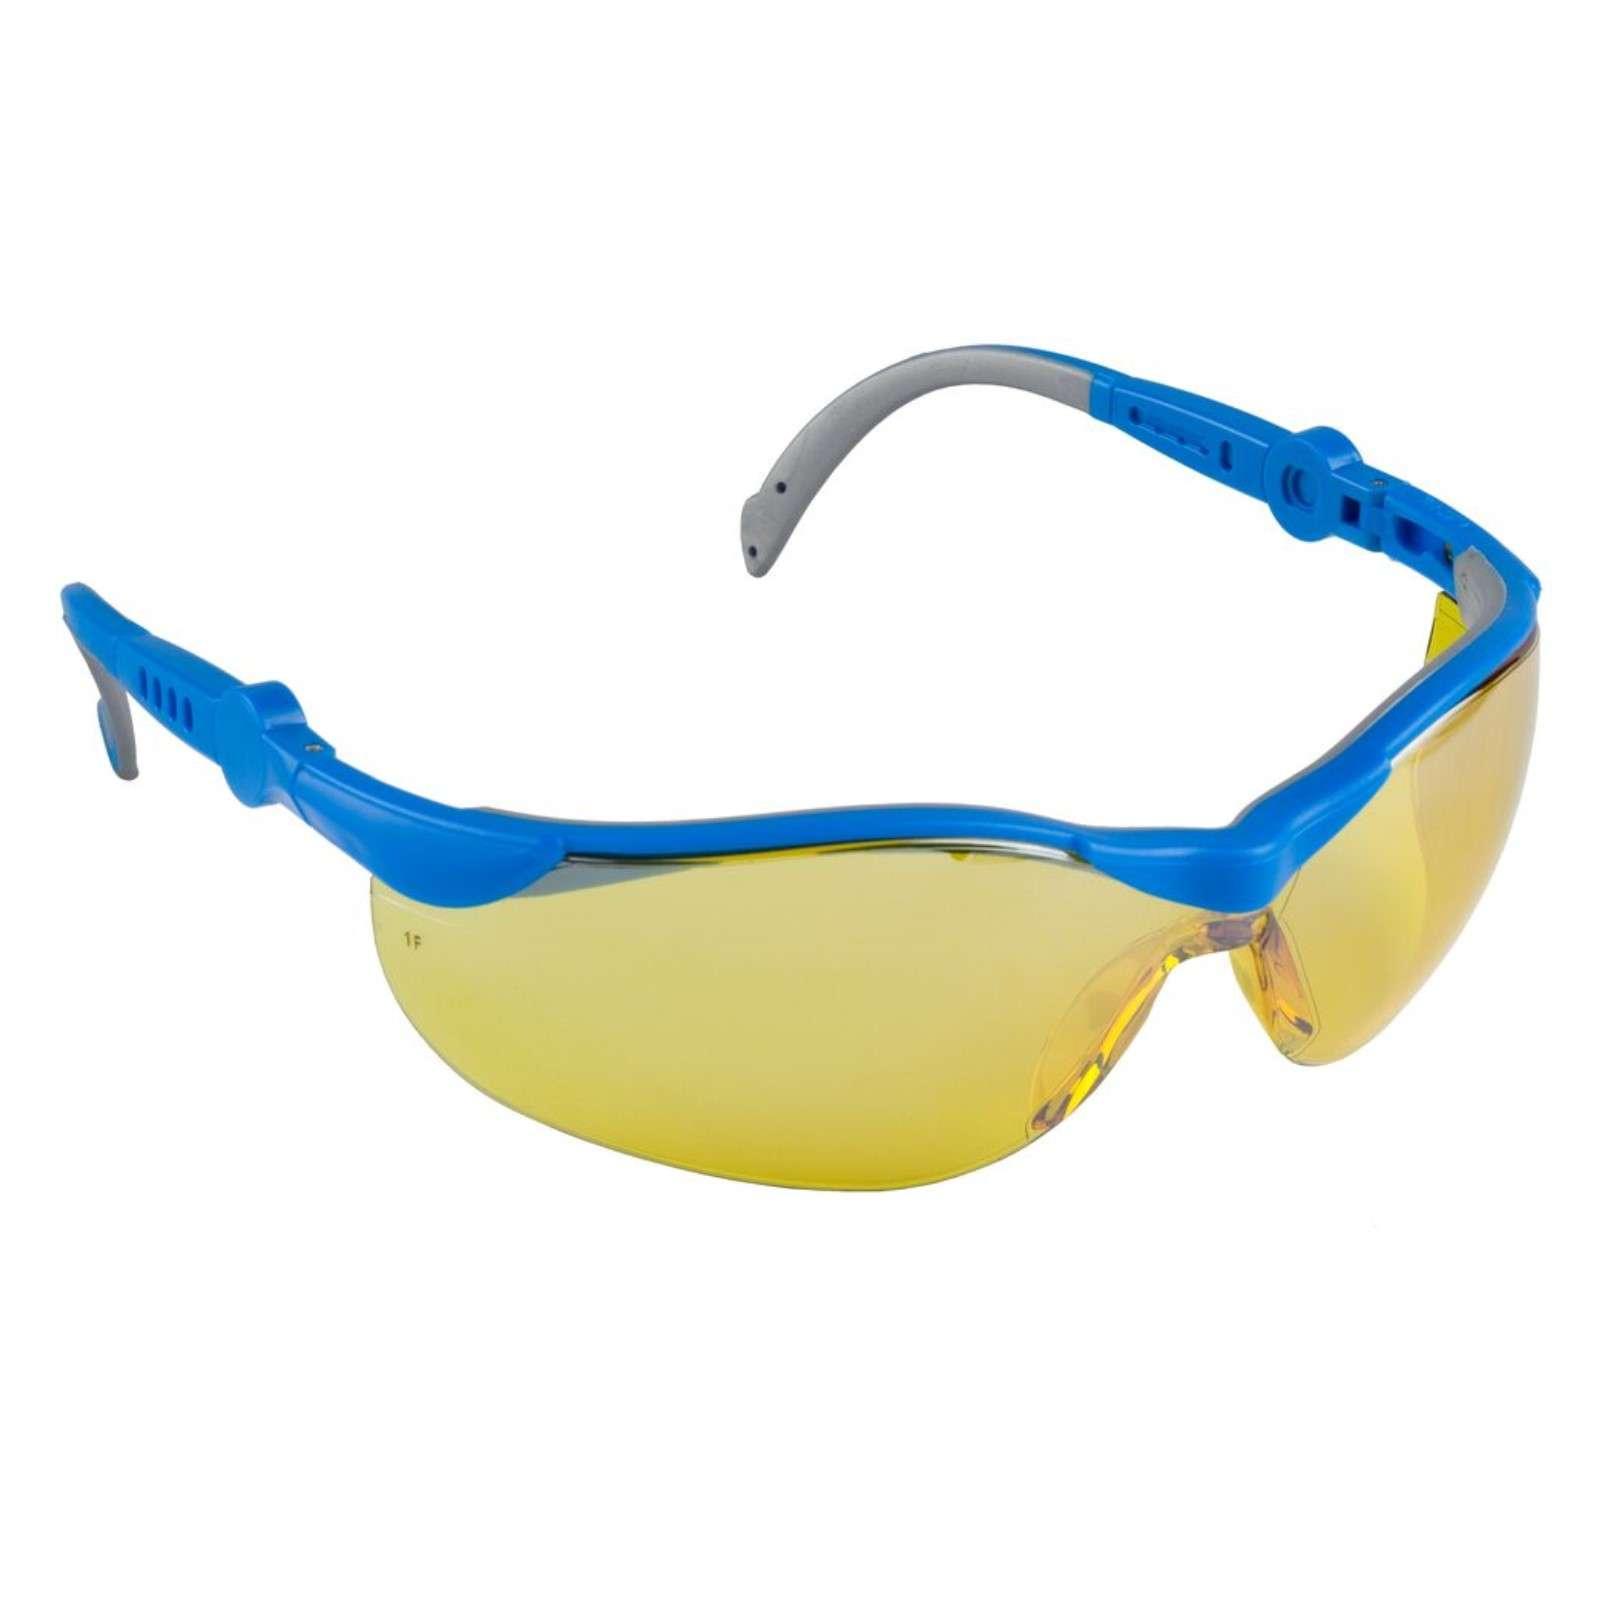 """Очки ЗУБР """"ЭКСПЕРТ"""" защитные, желтые, поликарбонатная монолинза с двухкомпонентными регулируемыми дужками"""